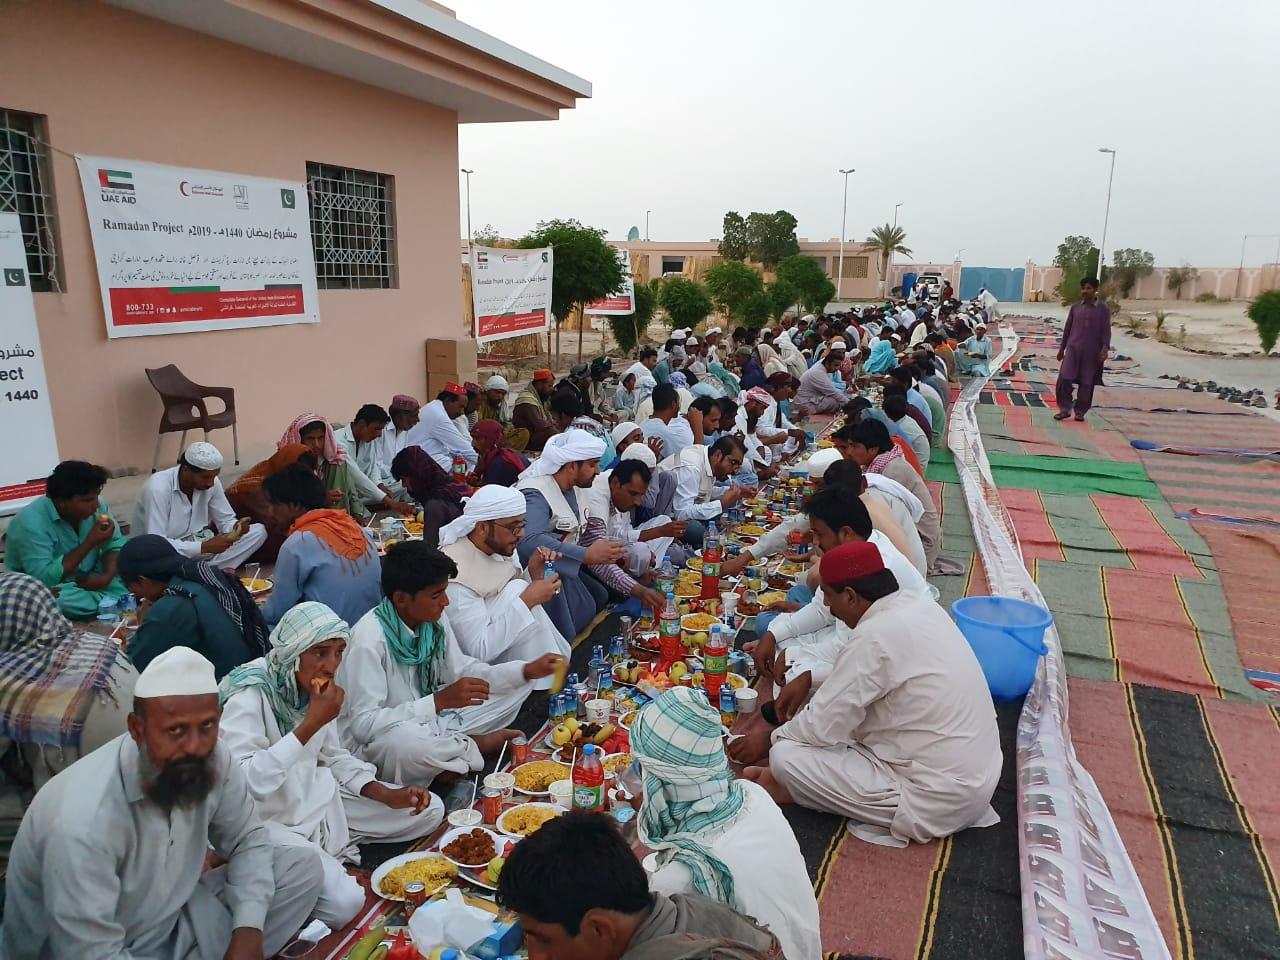 انطلاق حملة حمدان بن زايد السنوية في إقليم السند بباكستان لمساعدة الفقراء